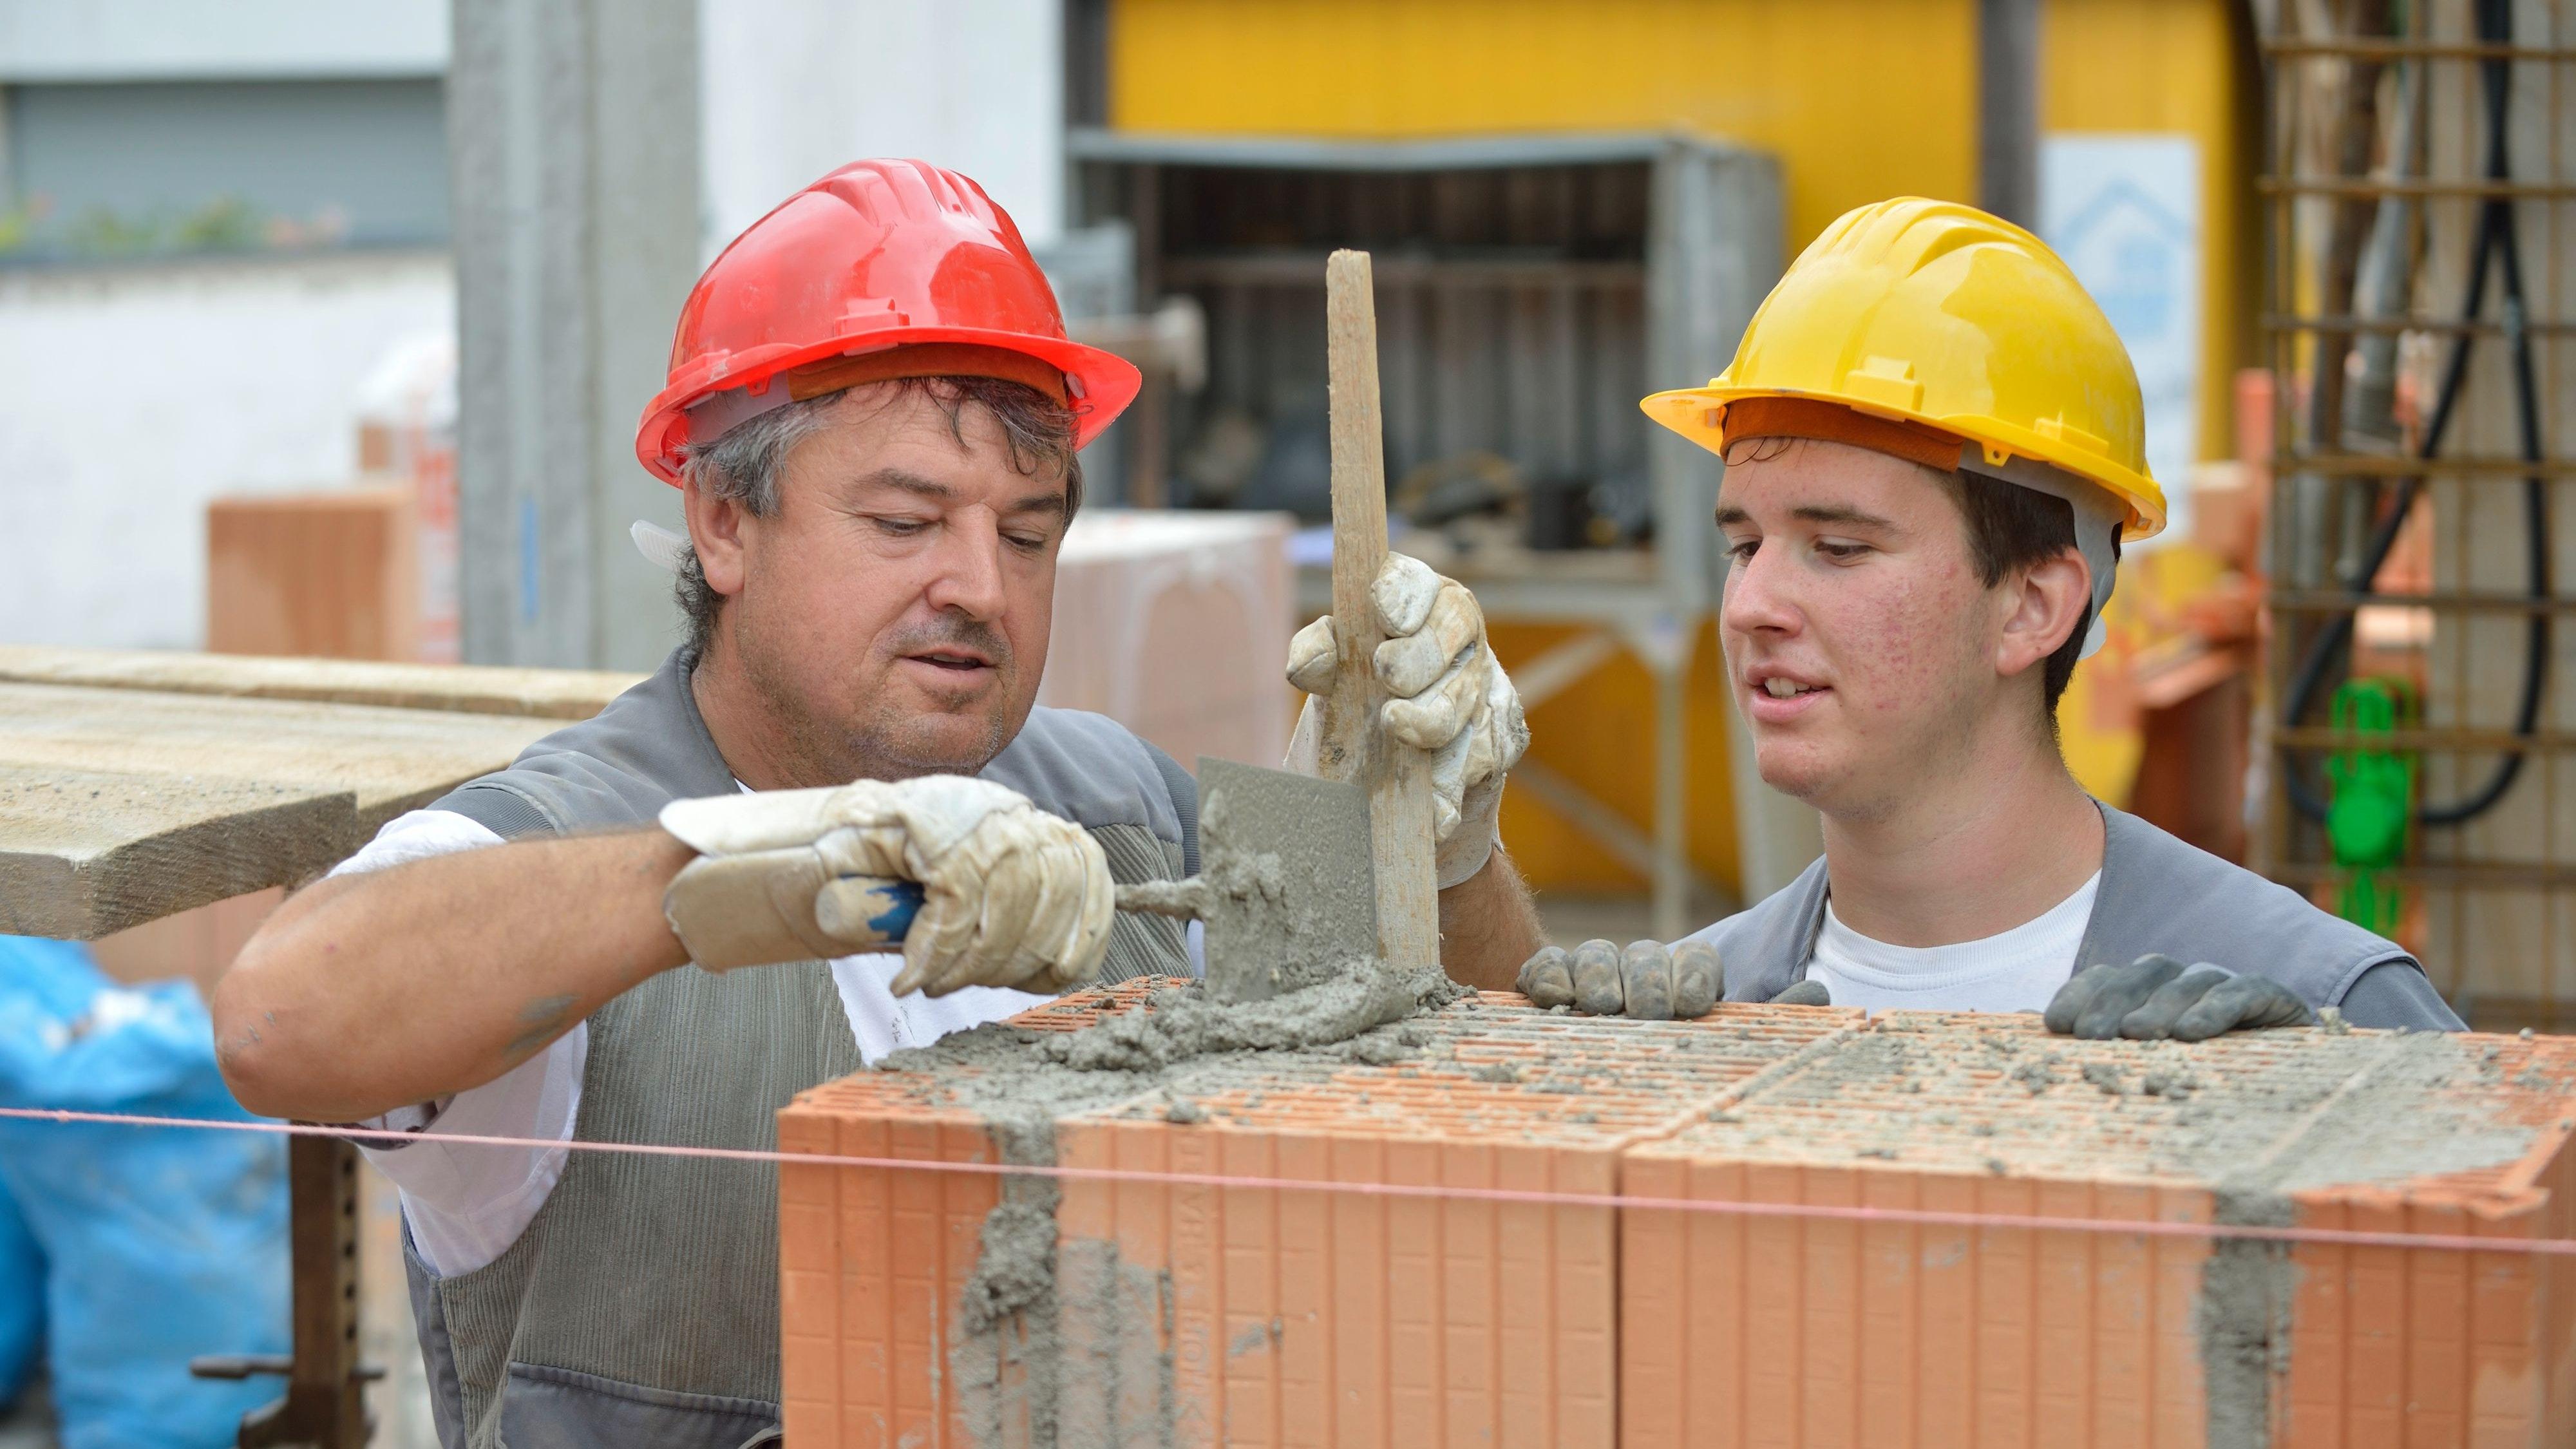 Die Ausbildung zum Maurer ist in ihrem Bezirk gefragt, so die Handwerkskammer Oldenburg. Foto: amh-online.de / Heller